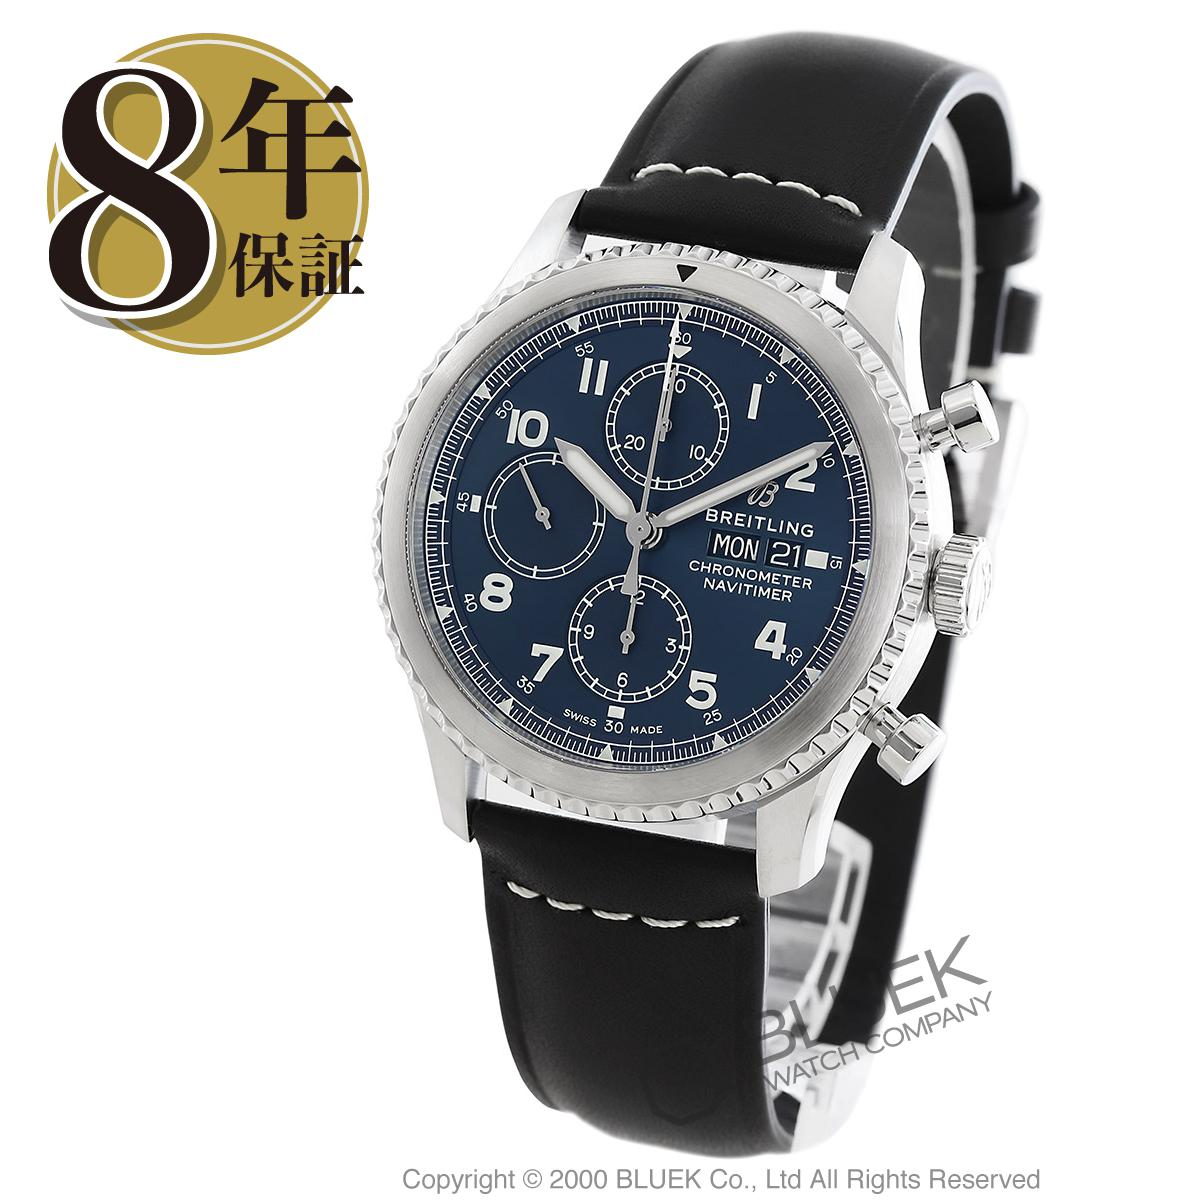 ブライトリング ナビタイマー 8 クロノグラフ 腕時計 メンズ BREITLING A118C-1LBA_8